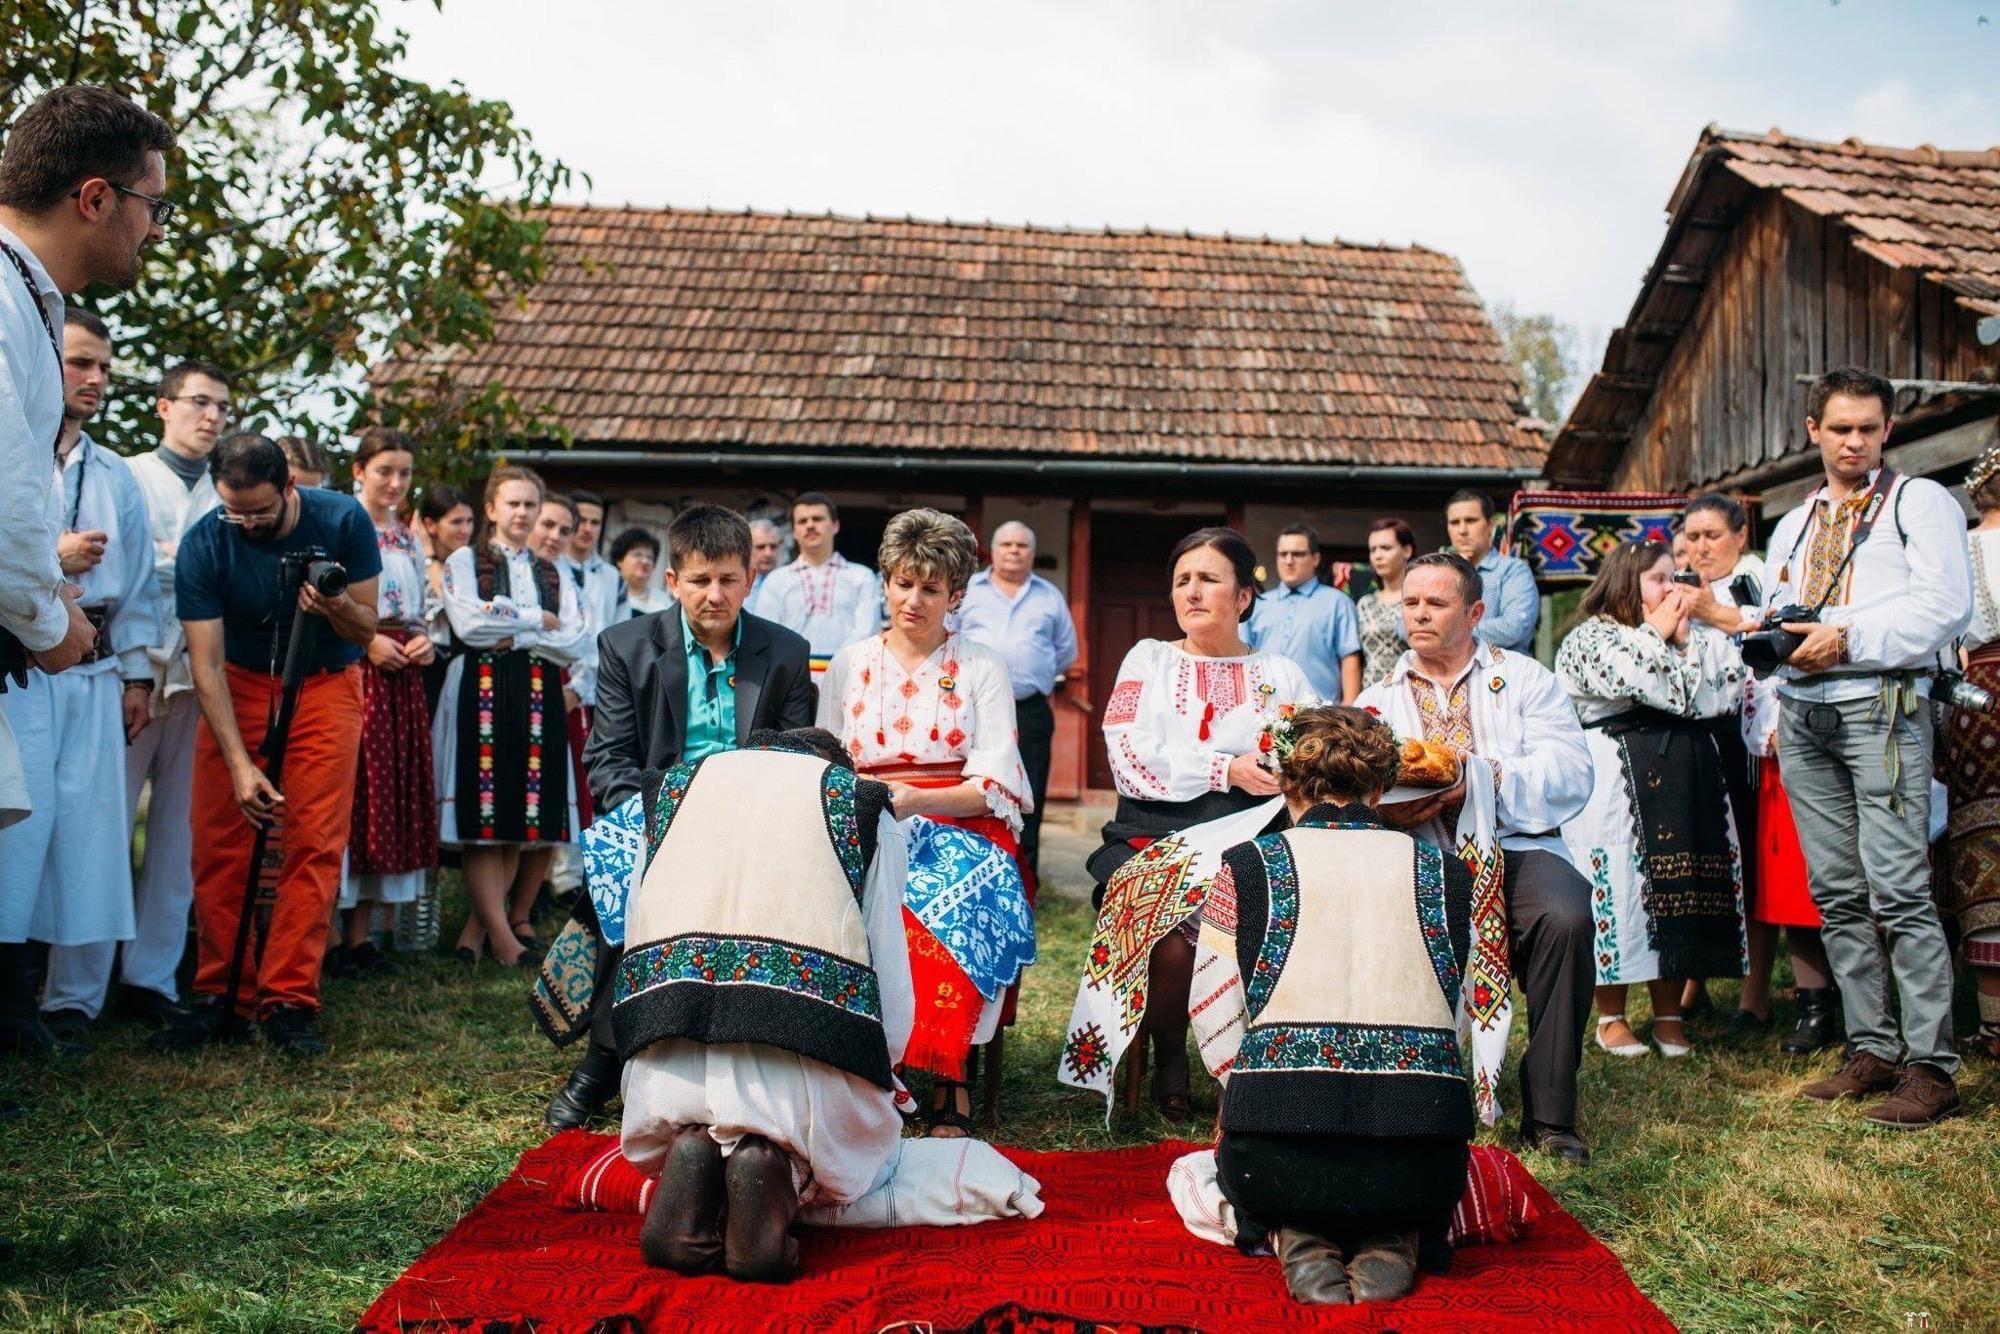 Povești Nunți Tradiționale - Andreea și Sergiu. Nuntă tradițională în Alba-Iulia 19